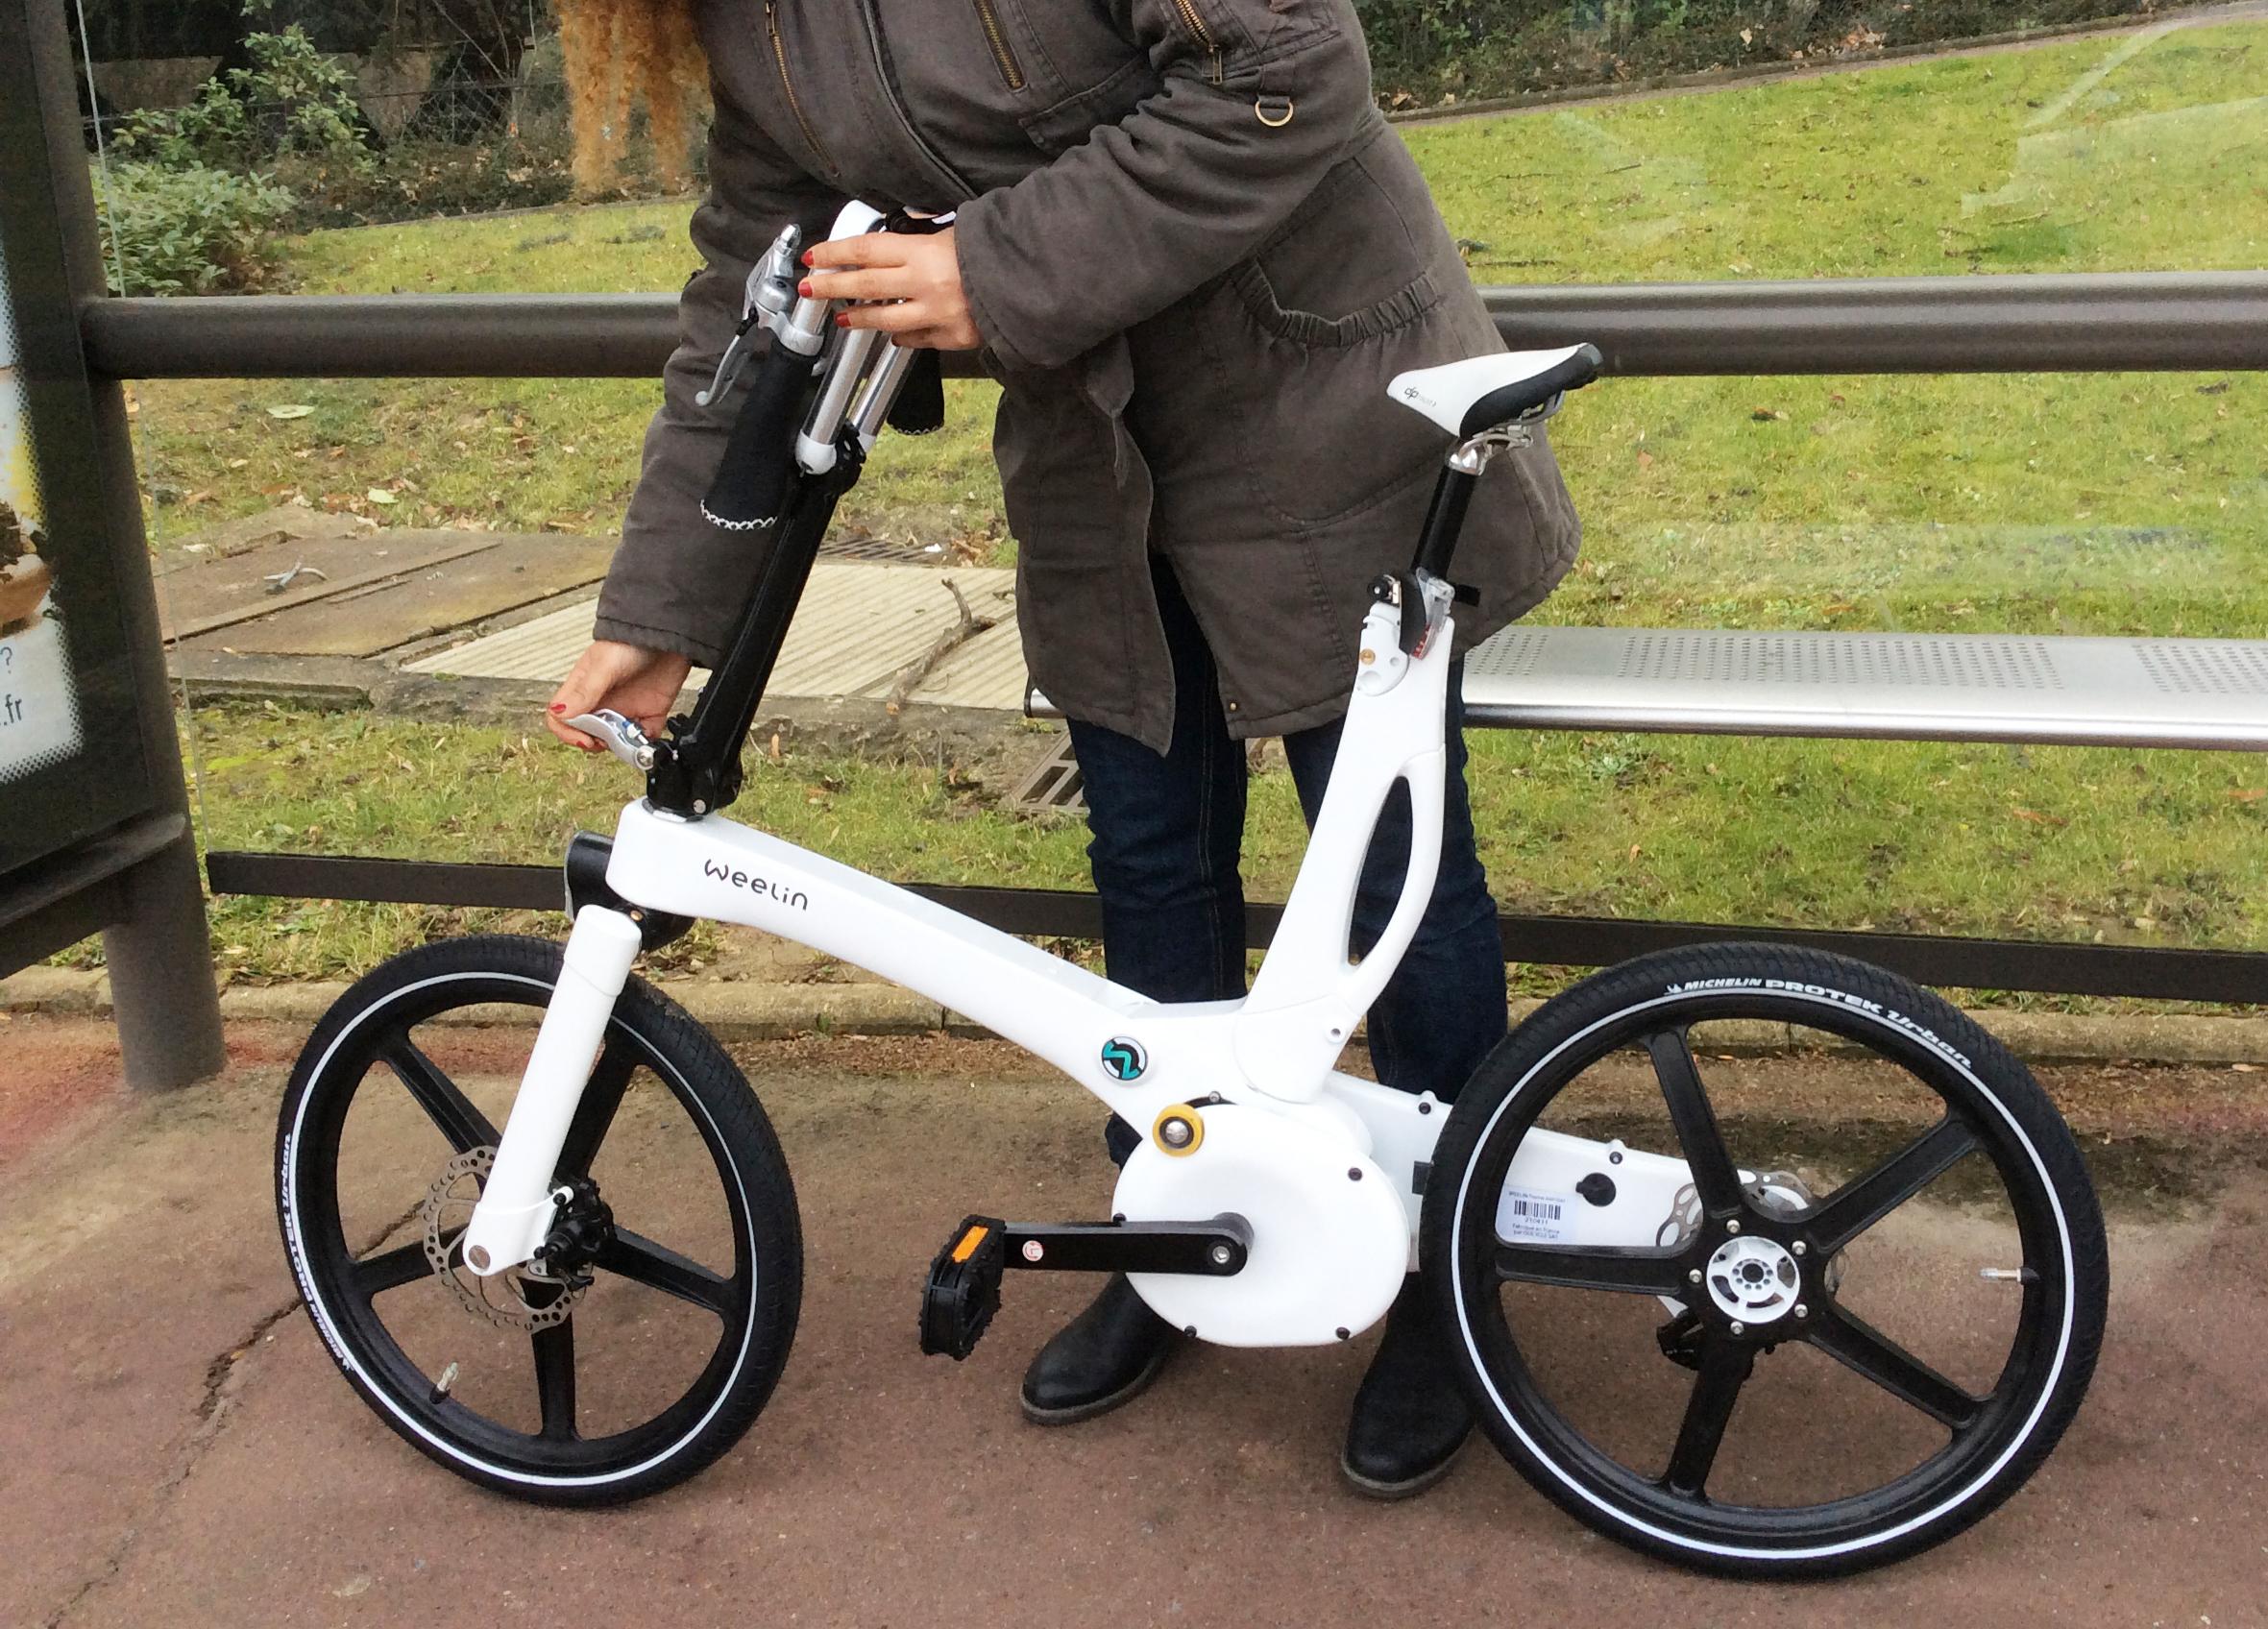 vélo impression 3D